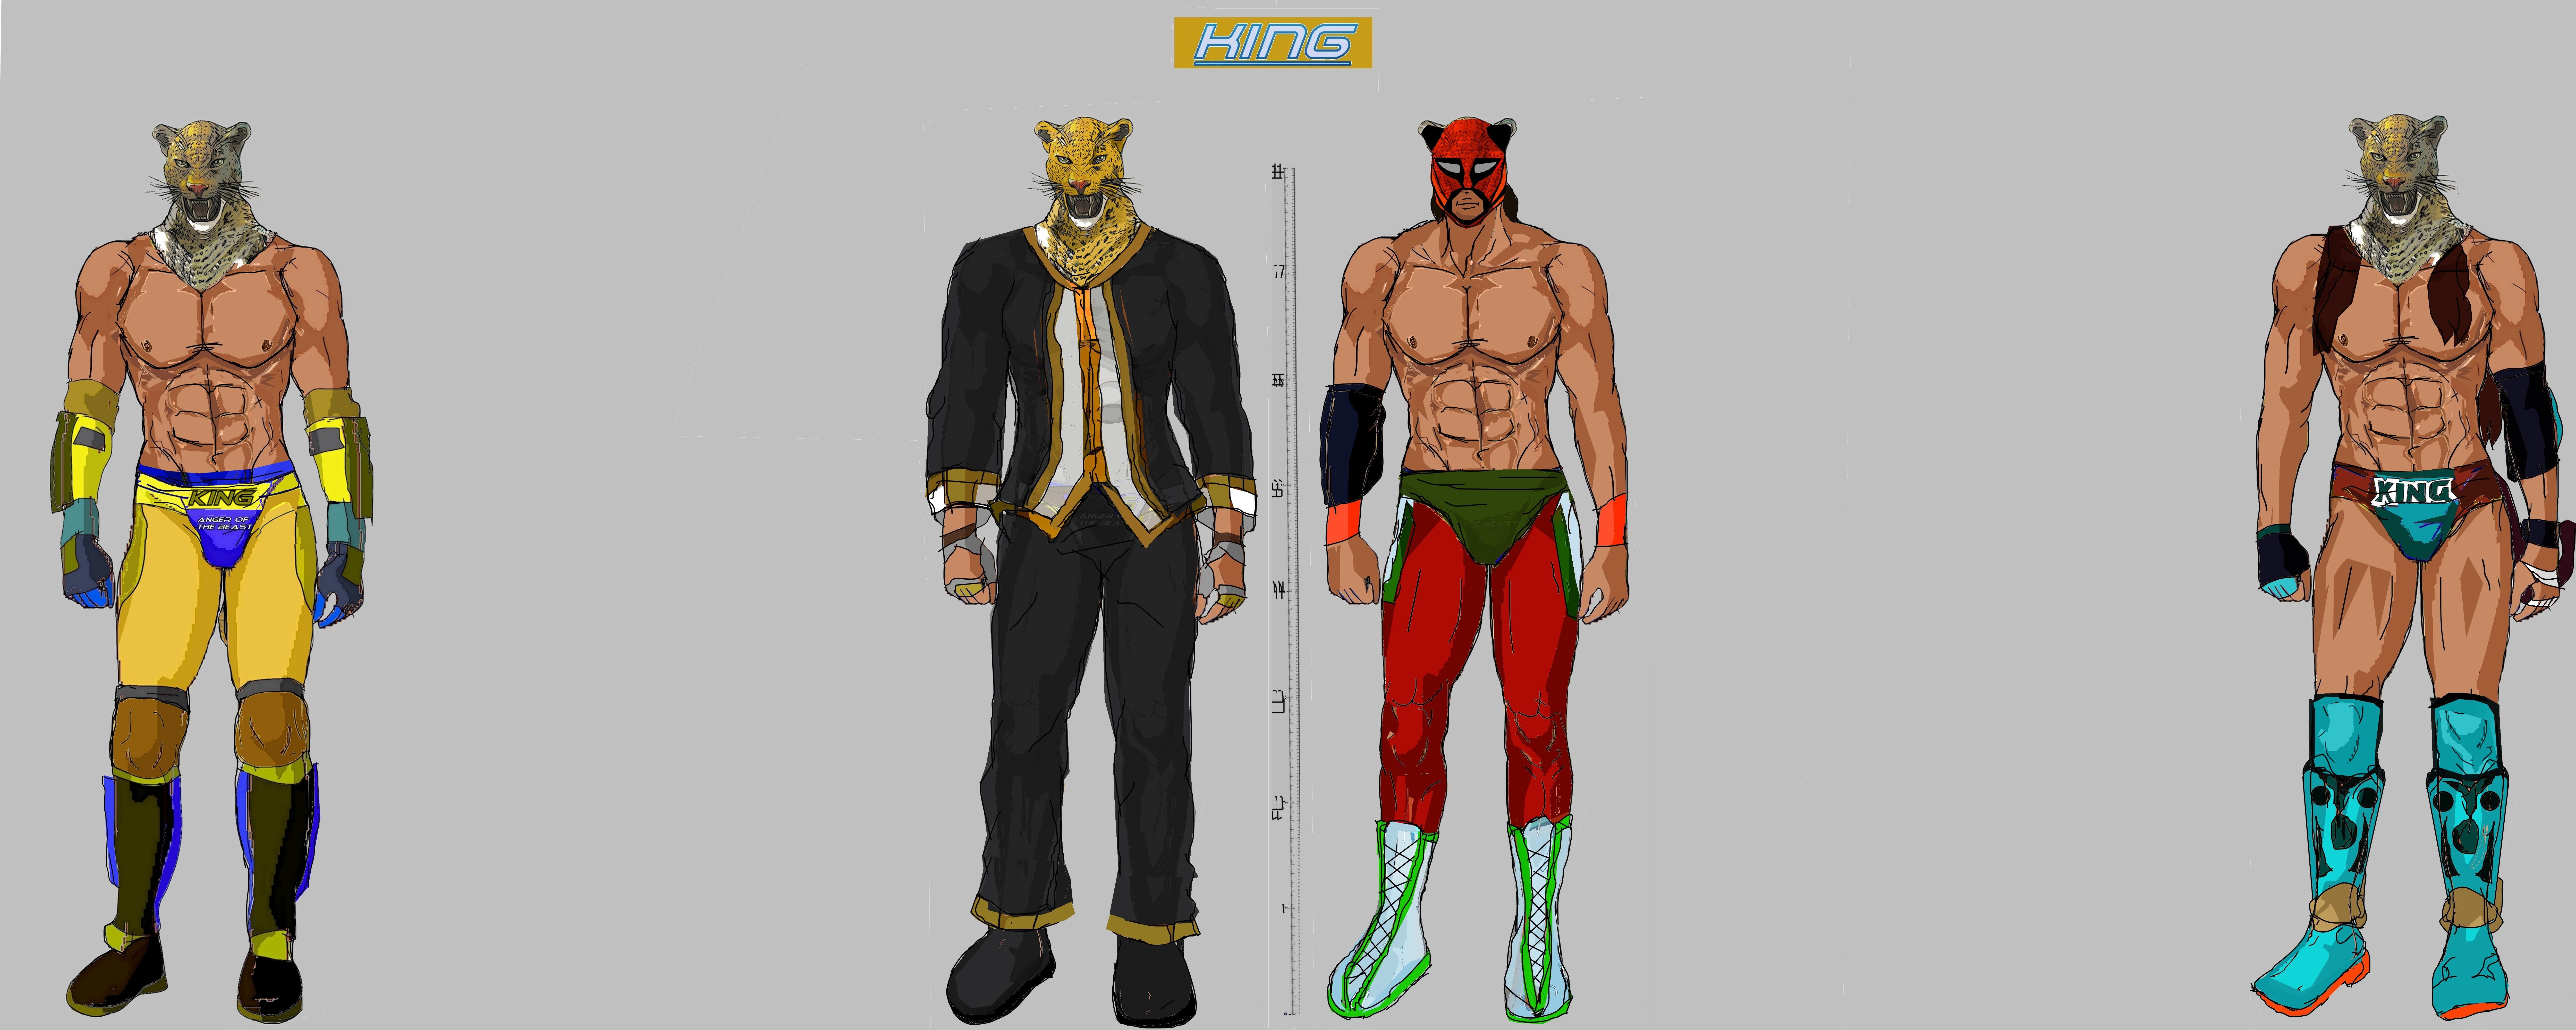 Tekken 7 King Models By La Laker On Deviantart